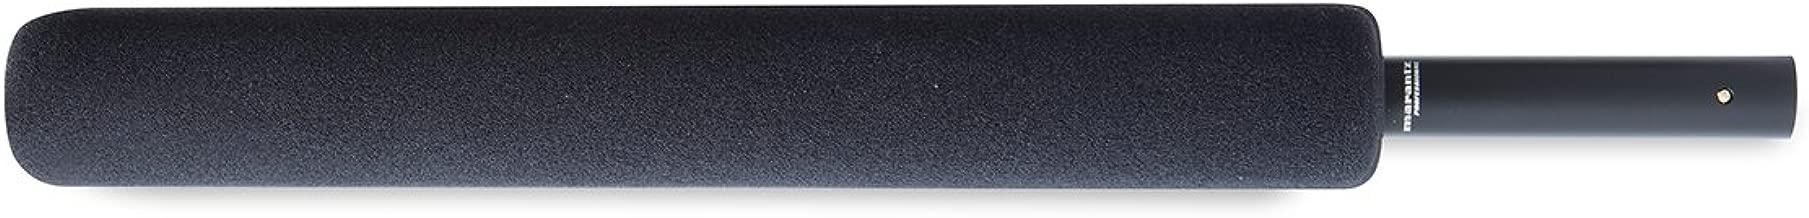 Marantz Professional Audio Scope SG-17P | Long Shotgun Microphone